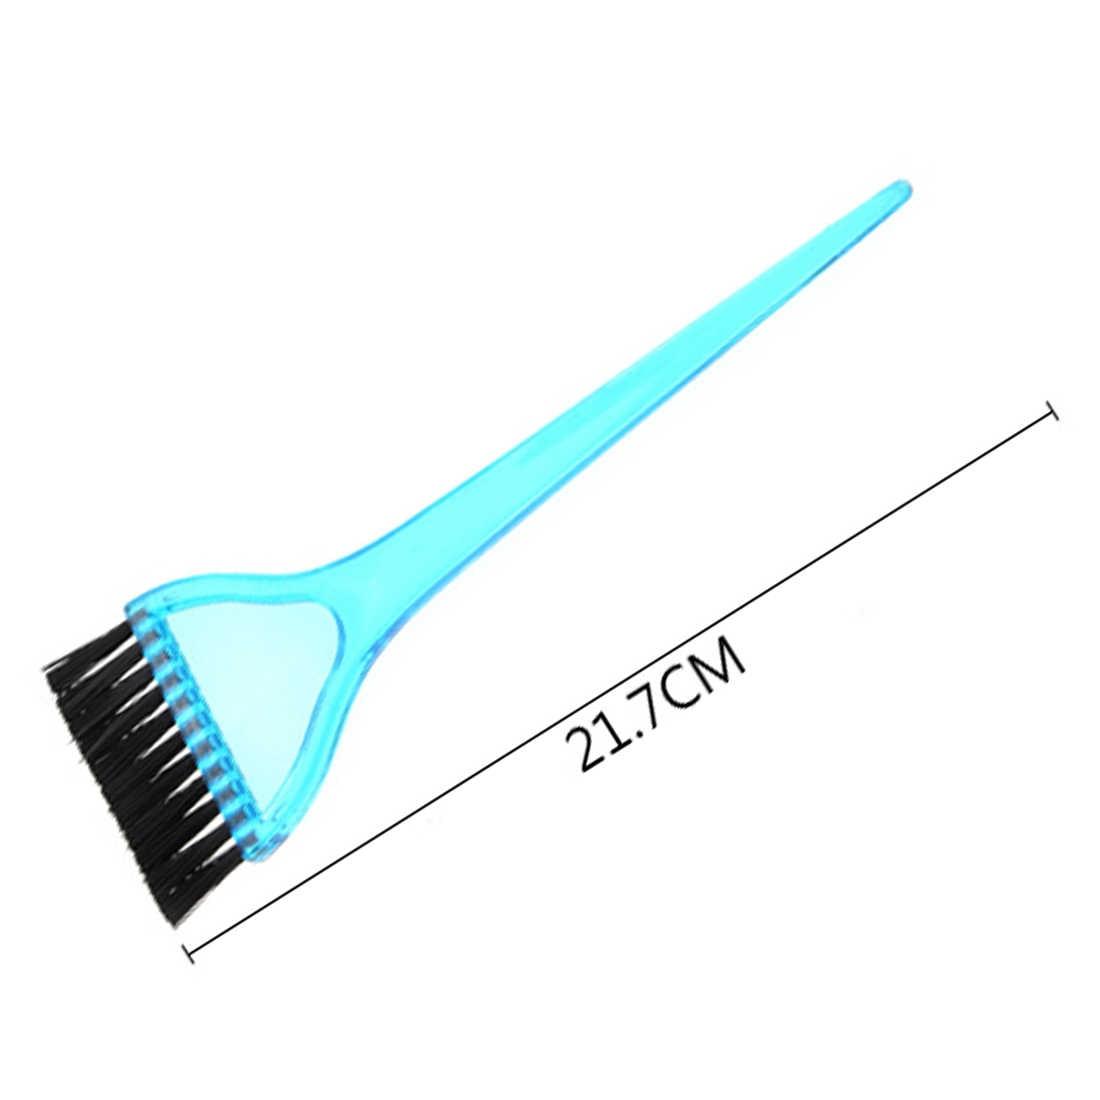 Прически краситель щетка для волос гребень отбеливать оттенок Пермь Применение окрашивание волос гребень укладки Парикмахерская Парикмахерские умирает инструмент